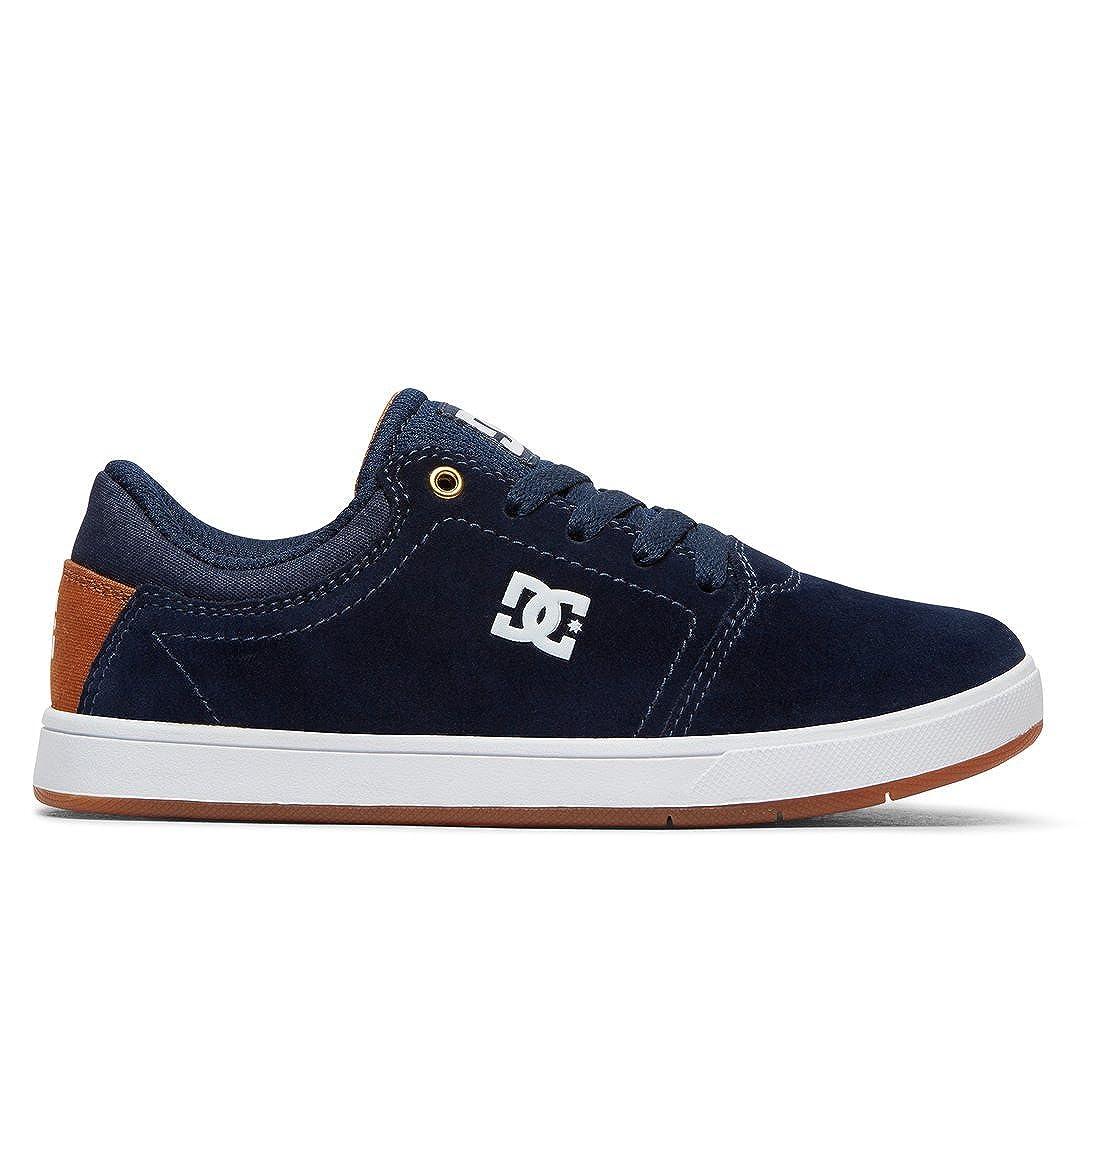 DC Shoes Crisis, Zapatillas de Skateboard para Niñ os Zapatillas de Skateboard para Niños ADBS100209